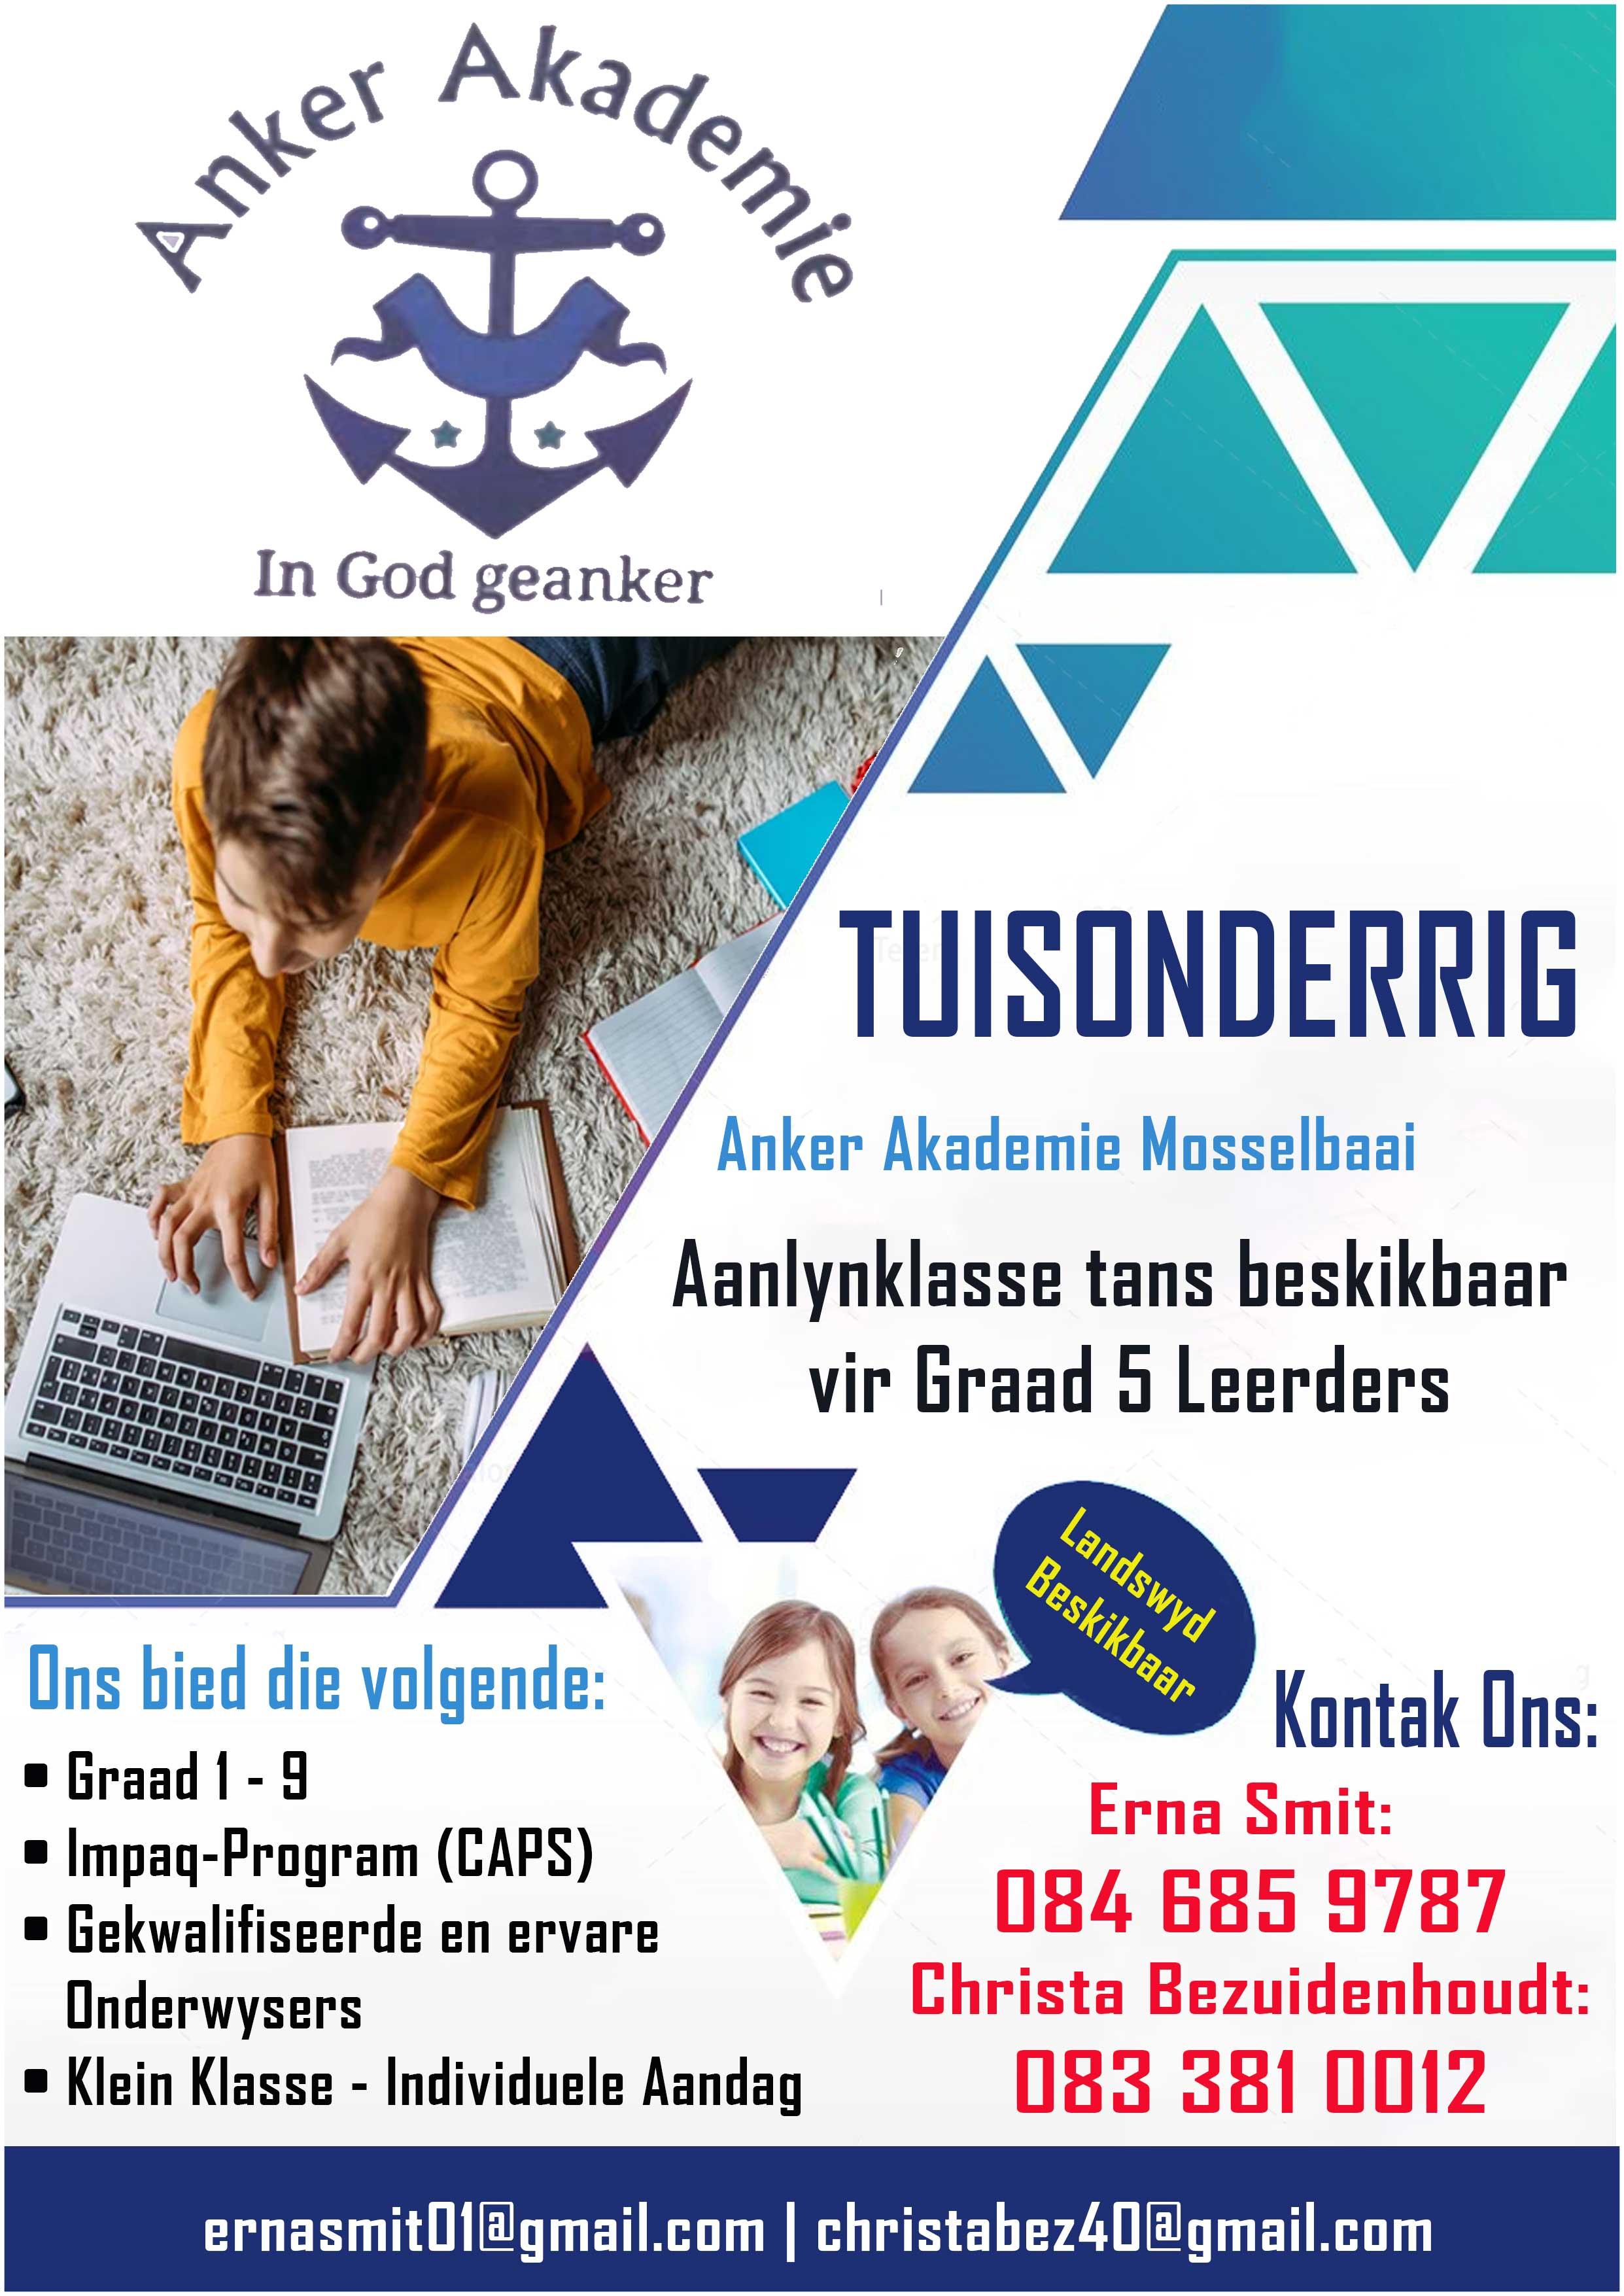 Anker Akademie Mosselbaai   Western Cape